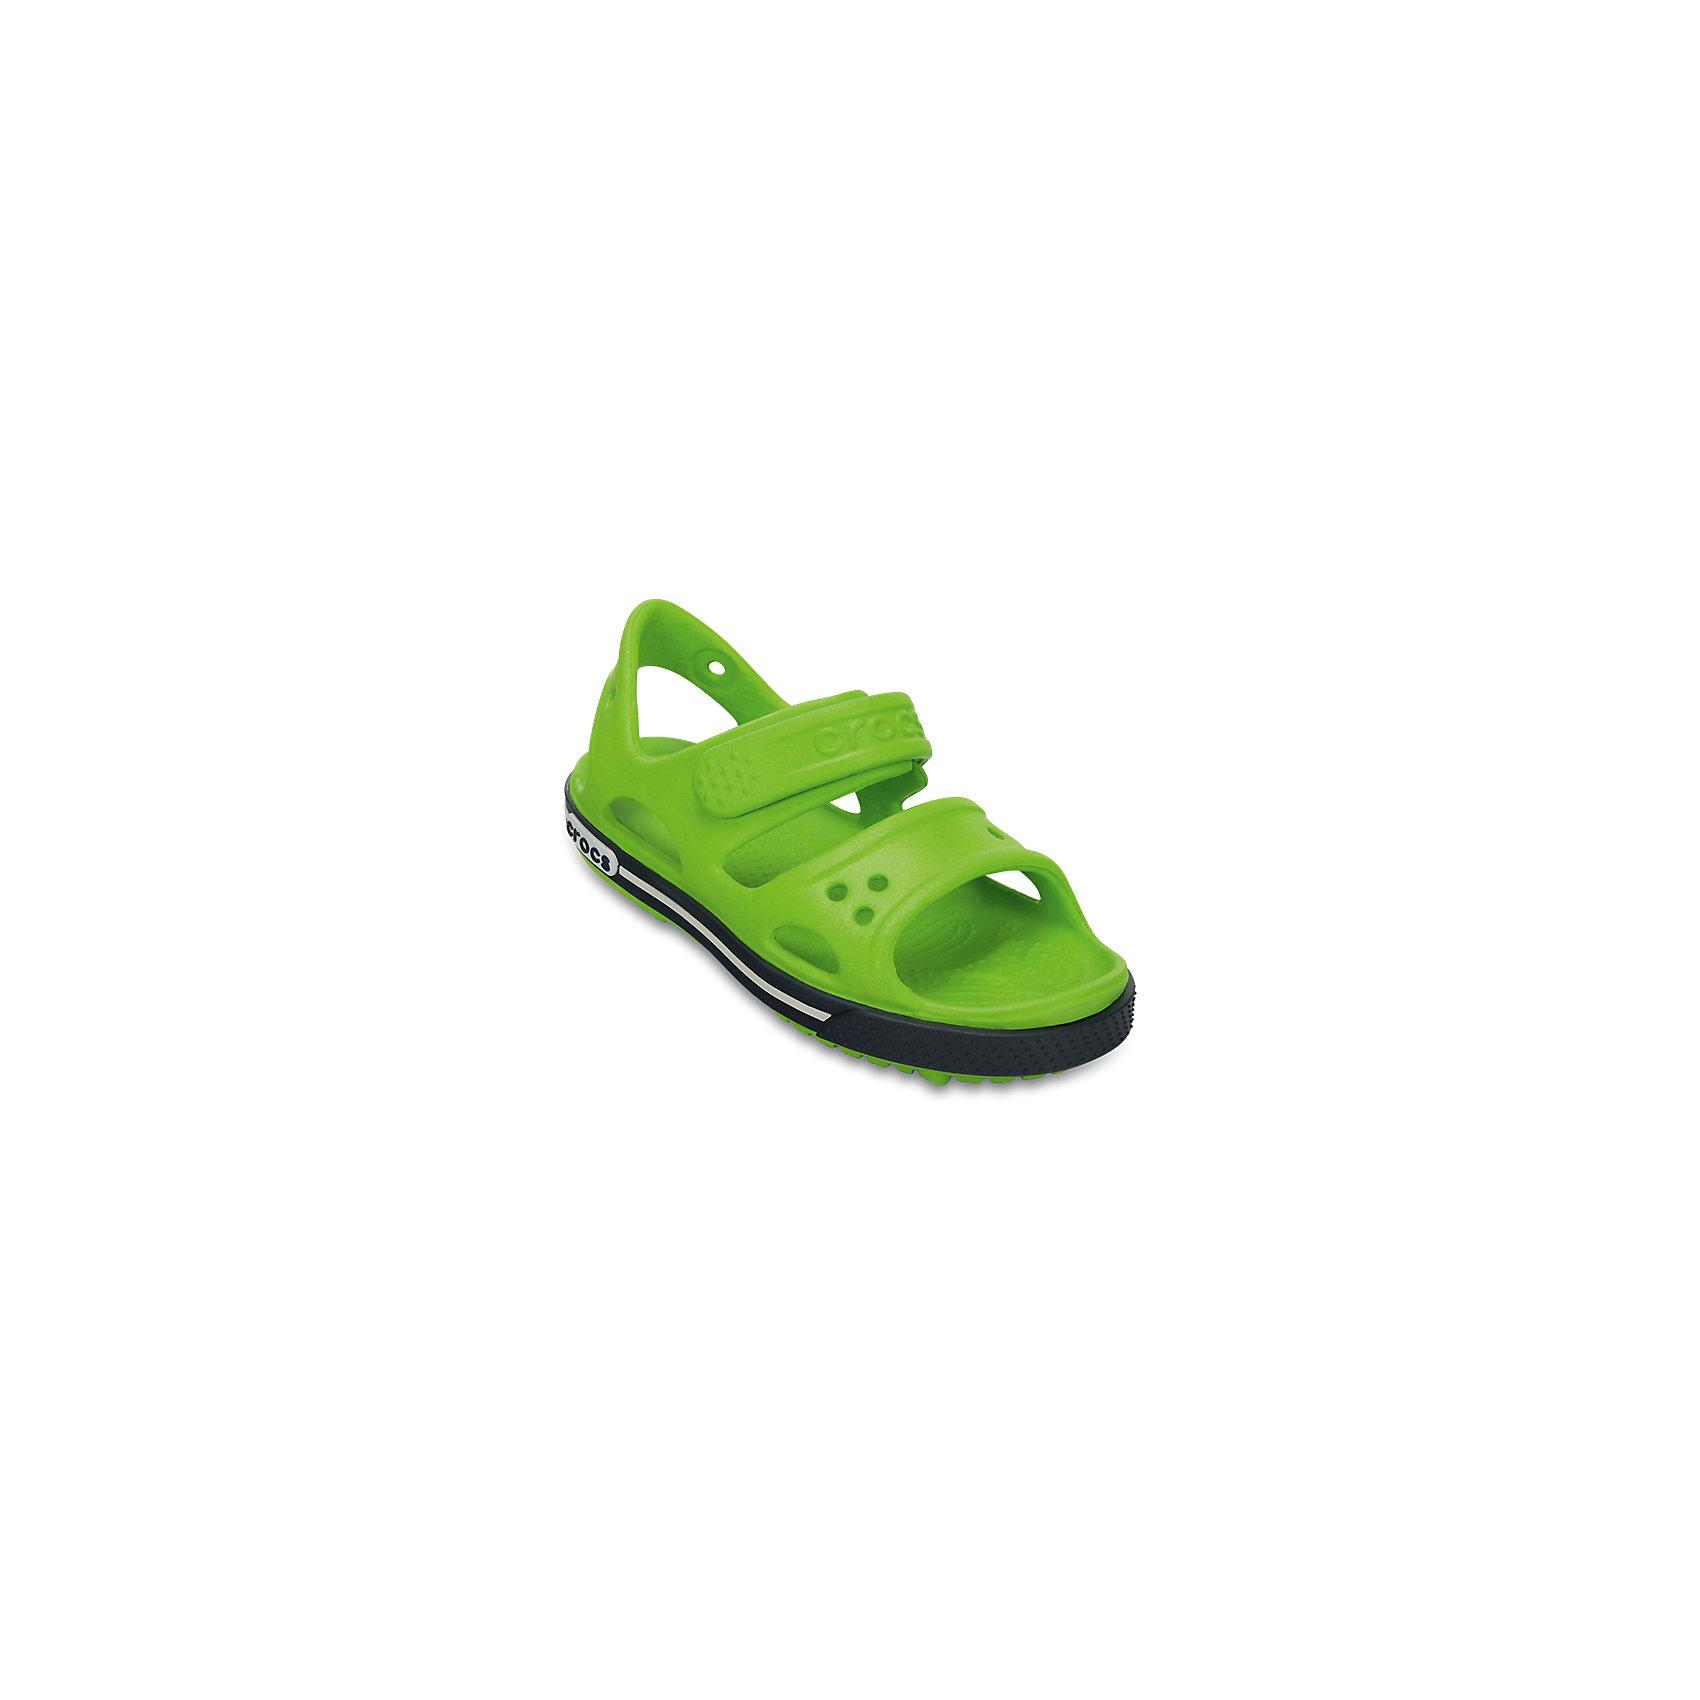 Сандалии для мальчика CROCSПляжная обувь<br>Характеристики товара:<br><br>• цвет: зеленый<br>• материал: 100% полимер Croslite™<br>• бактериостатичный материал<br>• ремешок фиксирует стопу<br>• антискользящая устойчивая подошва<br>• анатомическая стелька с массажными точками стимулирует кровообращение<br>• страна бренда: США<br>• страна изготовитель: Китай<br><br>Для правильного развития ребенка крайне важно, чтобы обувь была удобной. Такие сандалии обеспечивают детям необходимый комфорт, а анатомическая стелька с массажными линиями для стимуляции кровообращения позволяет ножкам дольше не уставать. Сандалии легко надеваются и снимаются, отлично сидят на ноге. Материал, из которого они сделаны, не дает размножаться бактериям, поэтому такая обувь препятствует образованию неприятного запаха и появлению болезней стоп.<br>Обувь от американского бренда Crocs в данный момент завоевала широкую популярность во всем мире, и это не удивительно - ведь она невероятно удобна. Её носят врачи, спортсмены, звёзды шоу-бизнеса, люди, которым много времени приходится бывать на ногах - они понимают, как важна комфортная обувь. Продукция Crocs - это качественные товары, созданные с применением новейших технологий. Обувь отличается стильным дизайном и продуманной конструкцией. Изделие производится из качественных и проверенных материалов, которые безопасны для детей.<br><br>Сандалии для мальчика от торговой марки Crocs можно купить в нашем интернет-магазине.<br><br>Ширина мм: 219<br>Глубина мм: 154<br>Высота мм: 121<br>Вес г: 343<br>Цвет: зеленый<br>Возраст от месяцев: 132<br>Возраст до месяцев: 144<br>Пол: Мужской<br>Возраст: Детский<br>Размер: 34/35,29,27,28,30,21,22,23,24,25,26,31/32,33/34<br>SKU: 5416633